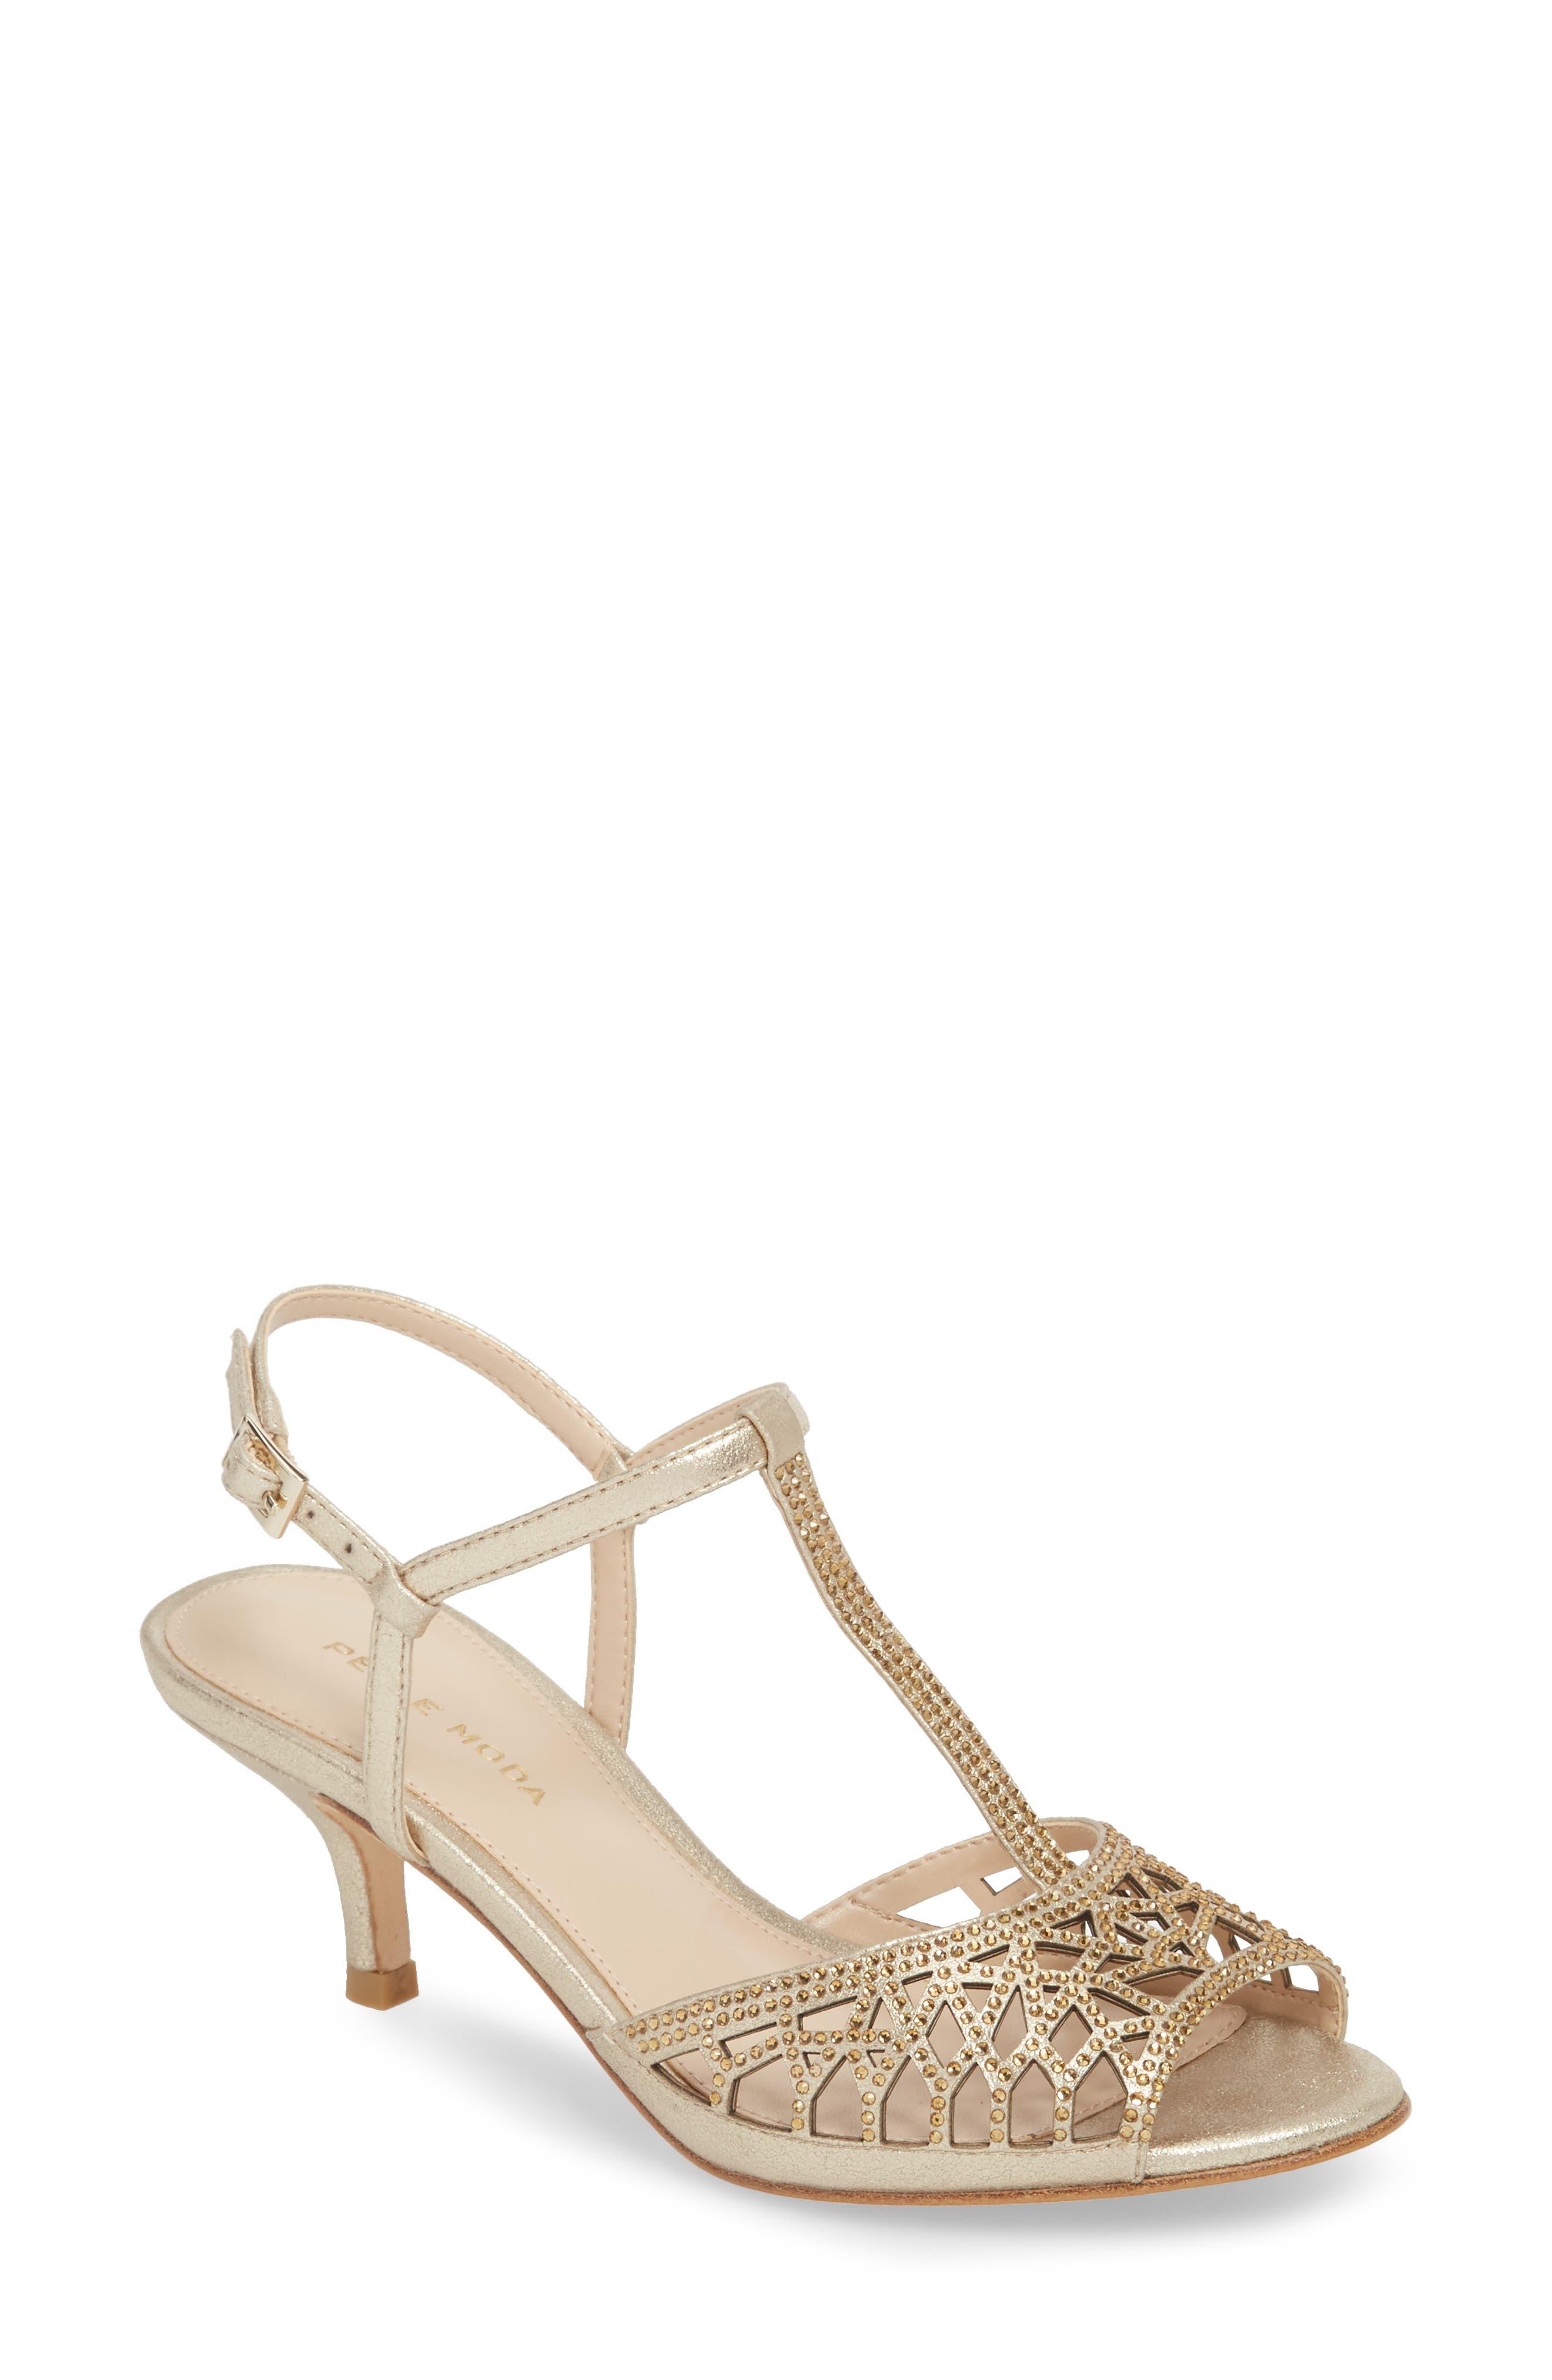 Adaline Embellished Sandal,                         Main,                         color, Platinum Gold Metallic Suede